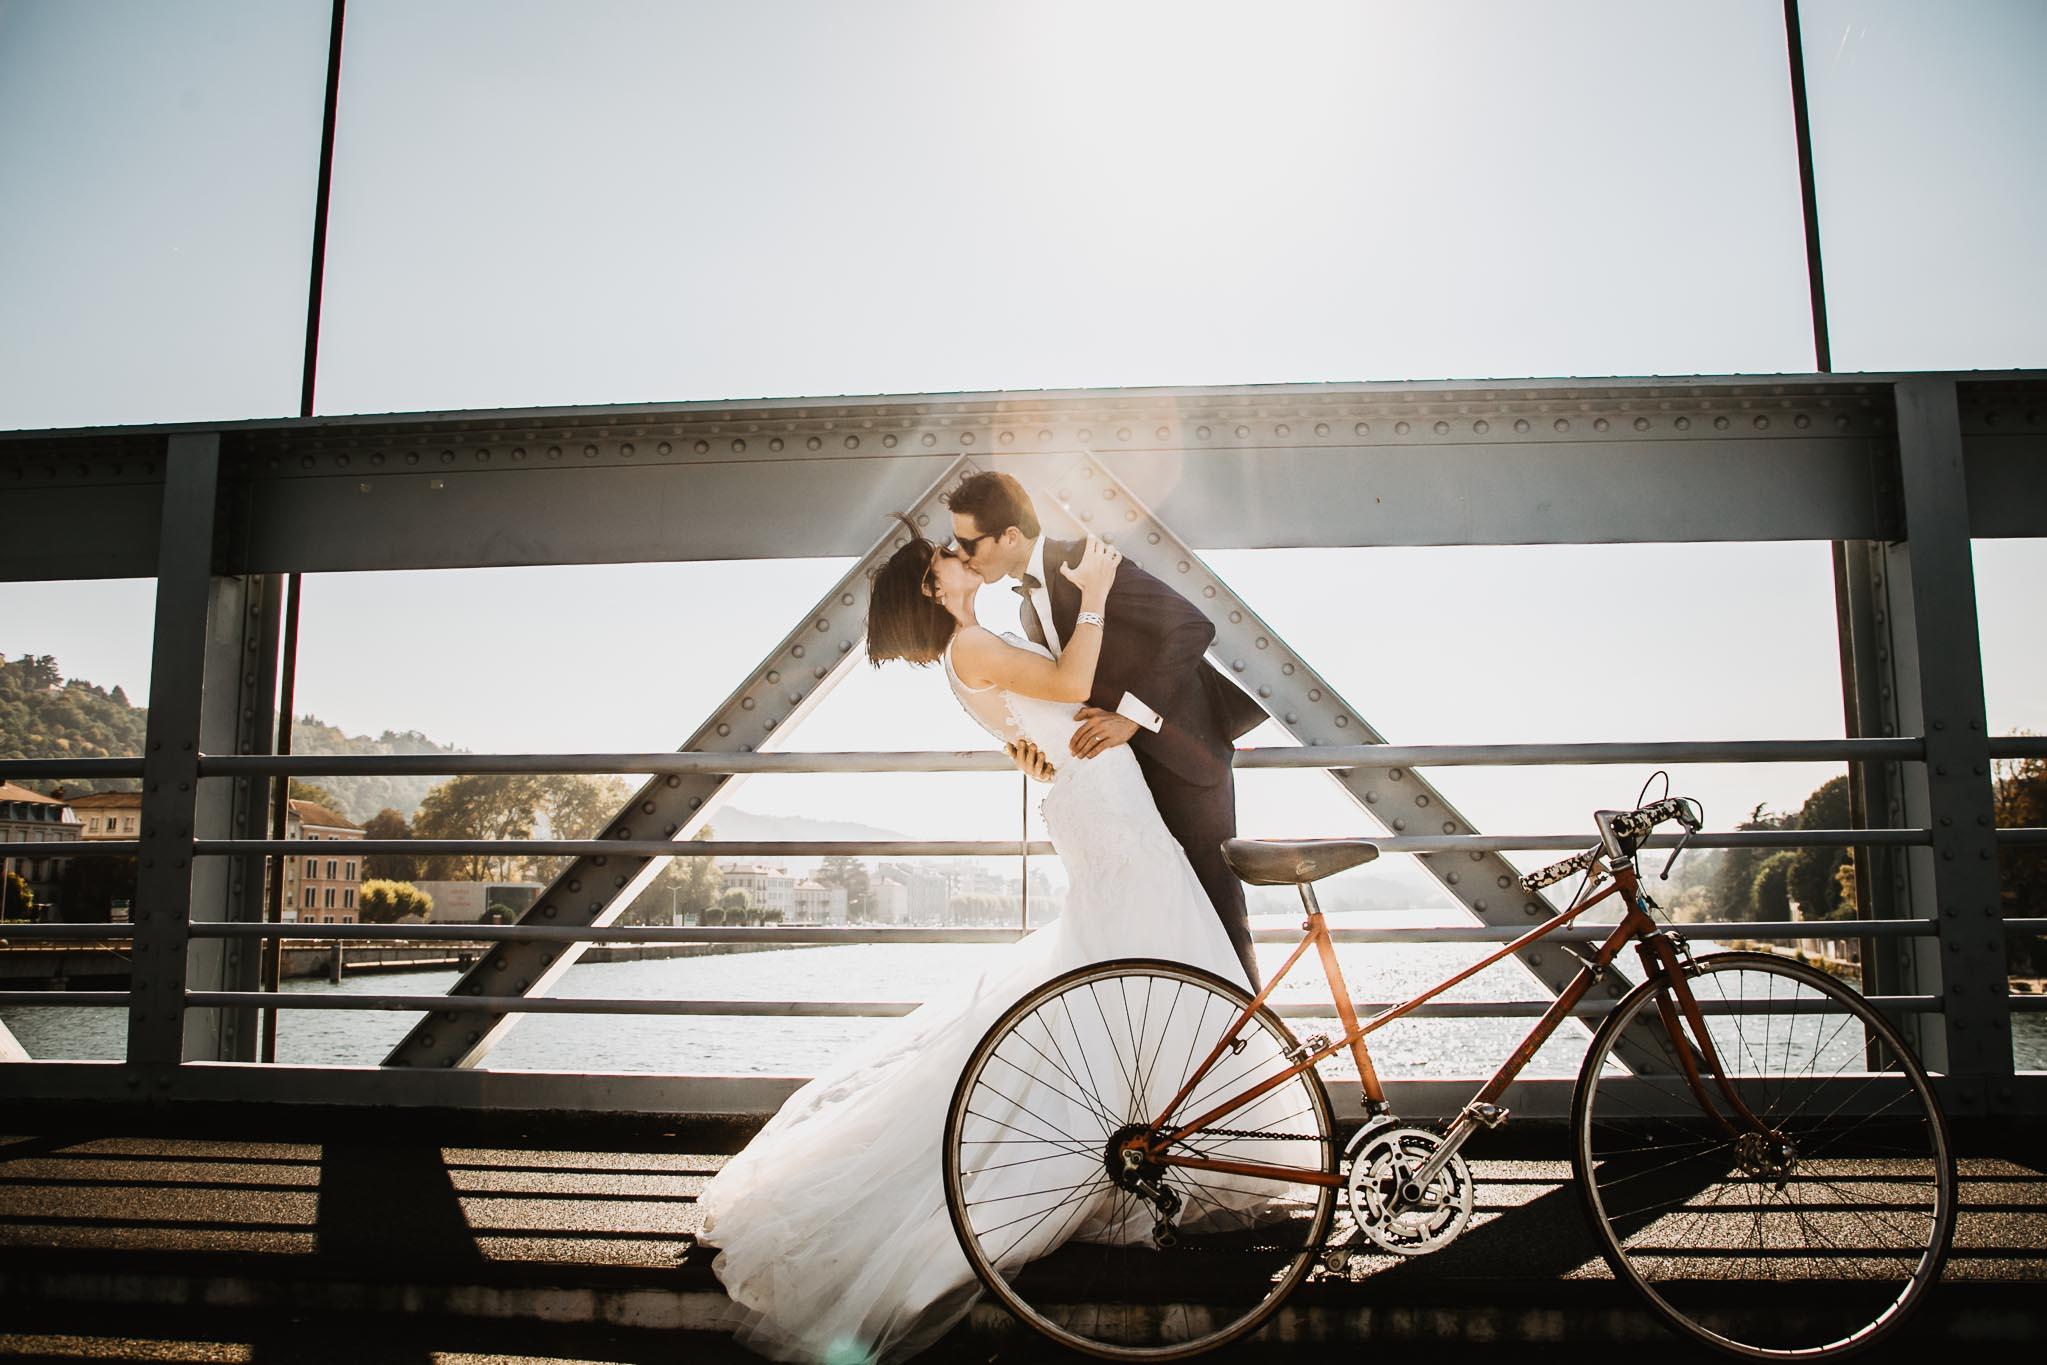 séance photo rock the dress à vélo à Vienne